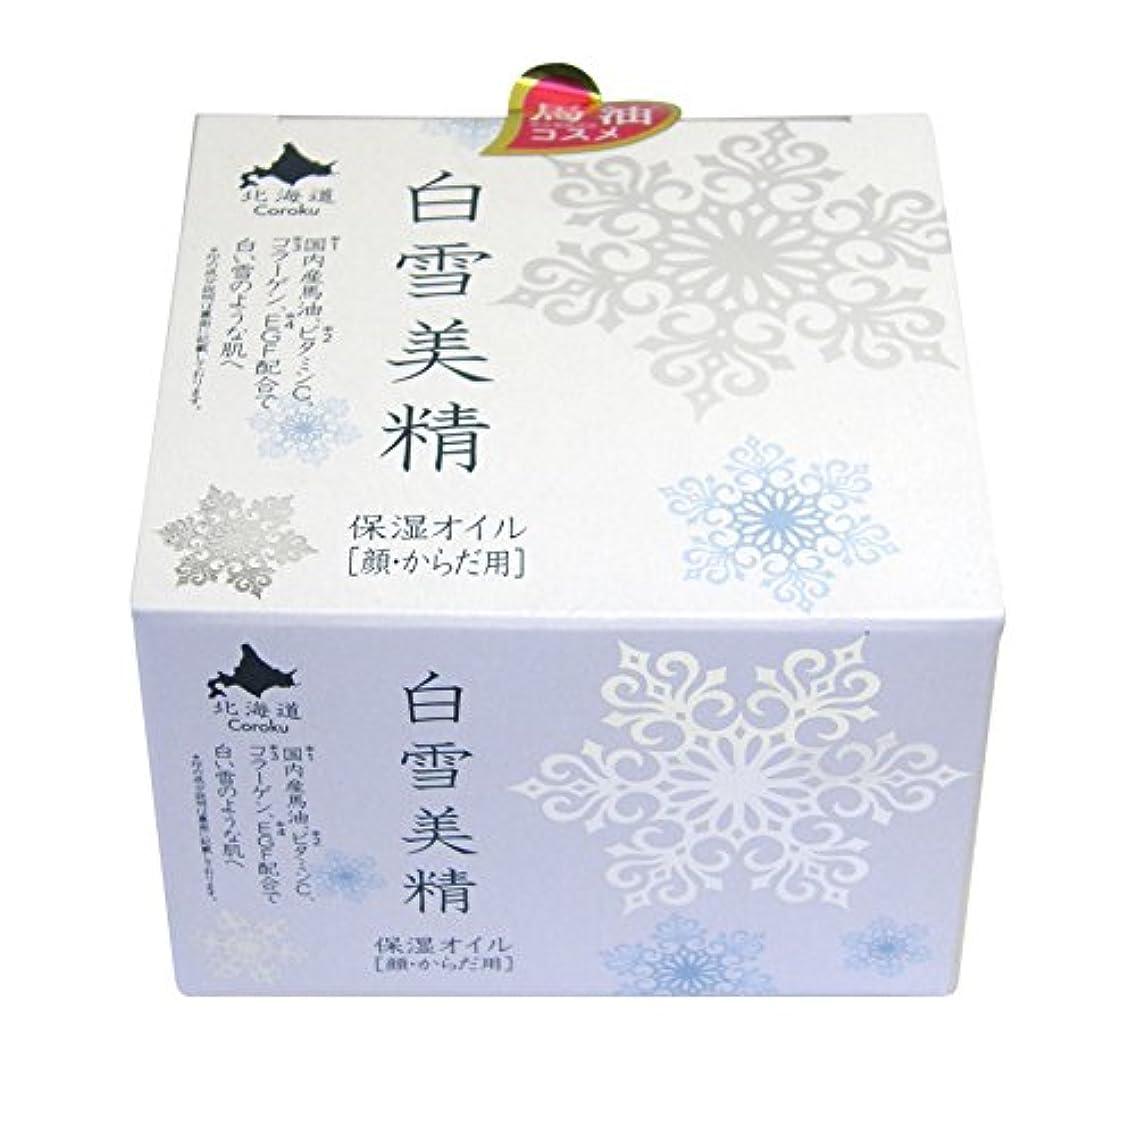 ハウス全能禁止Coroku 白雪美精保湿オイル(顔?からだ用) 100ml